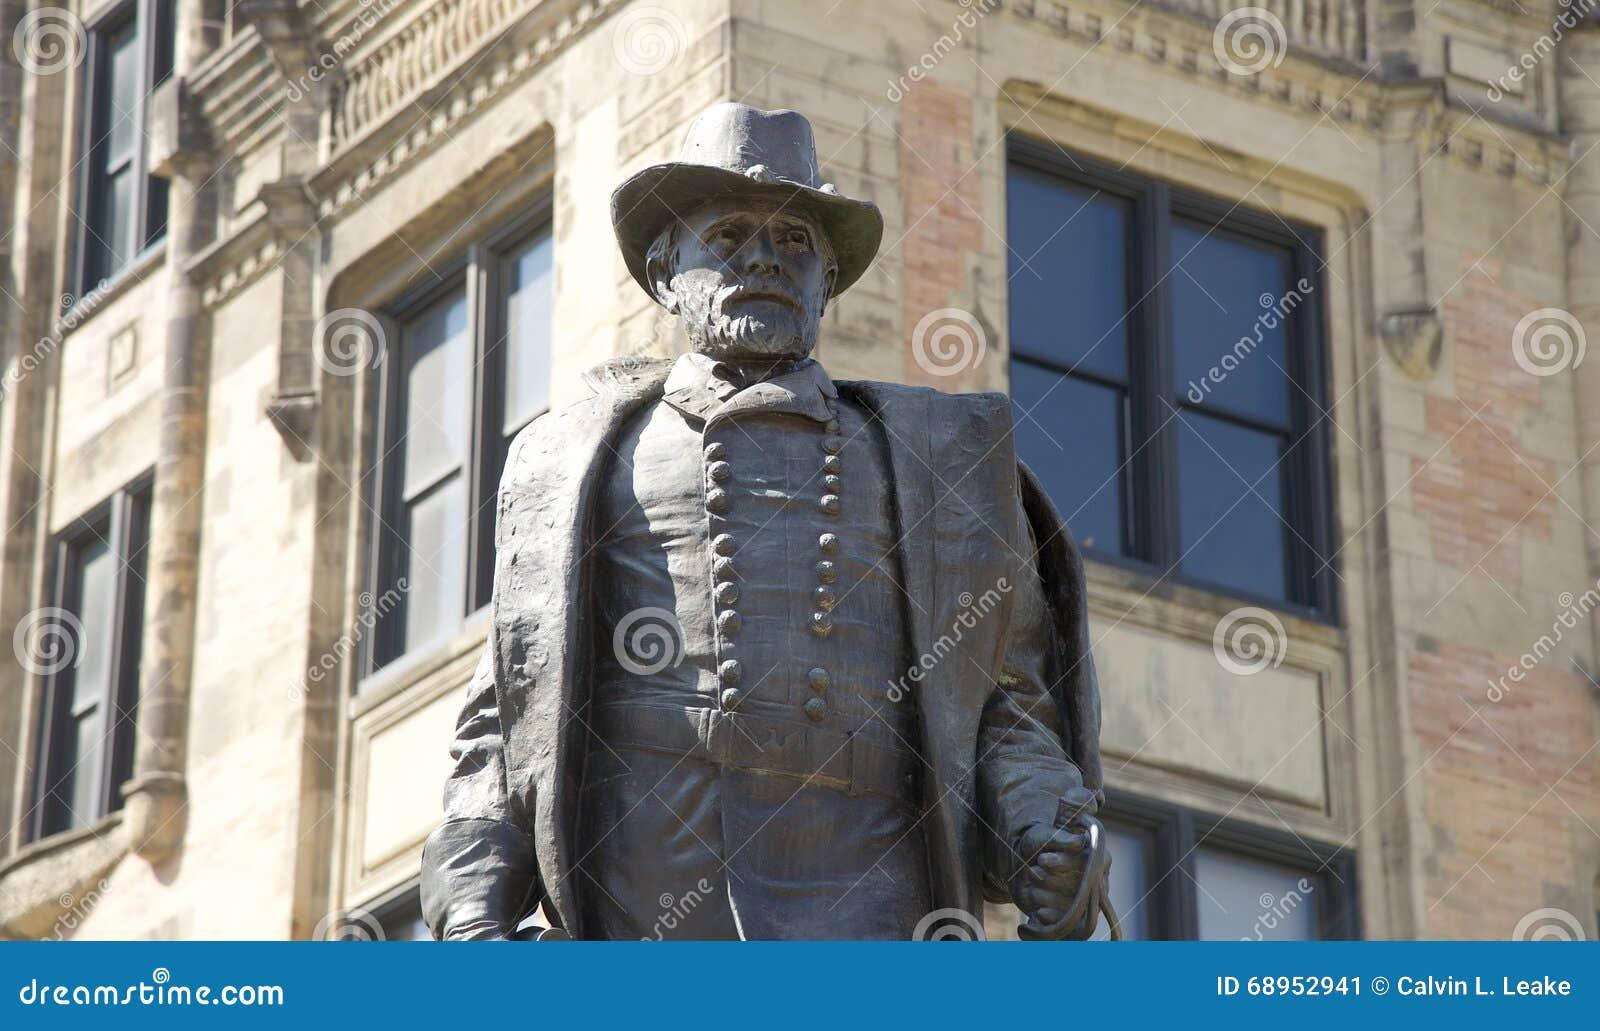 50 rachunków zamknięta dramatycznie zaświecał s dramatycznie dotacja Ulysses Grant statua